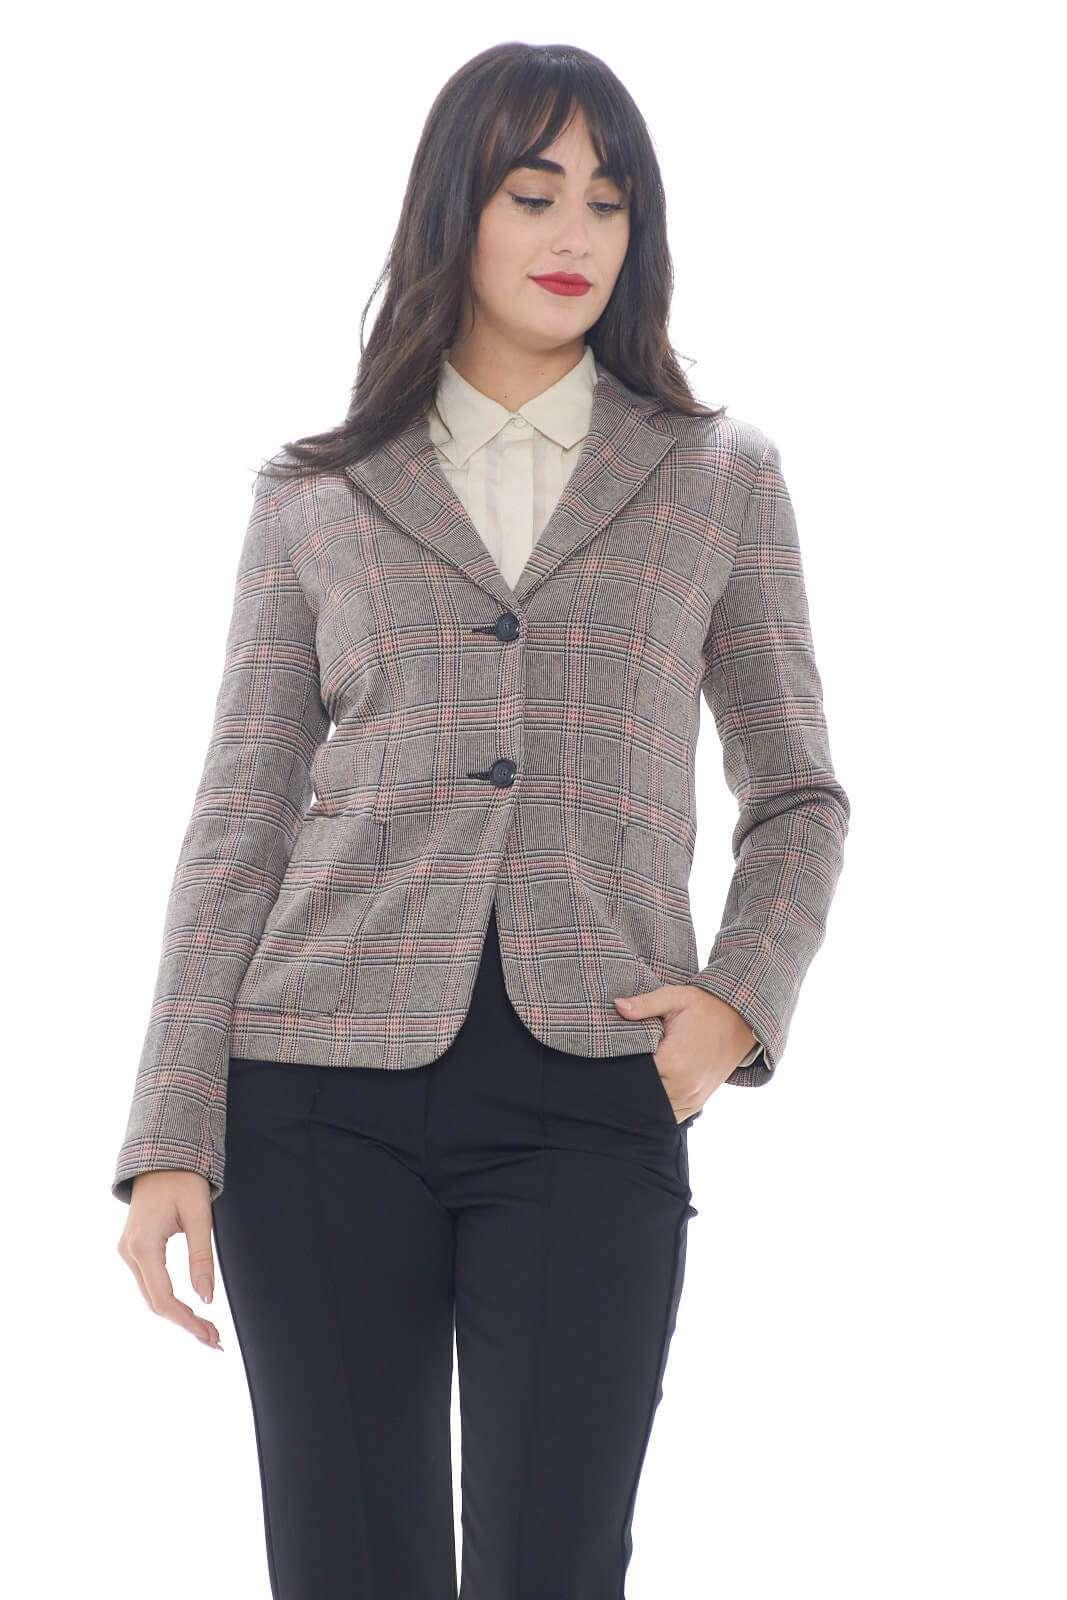 Una giacca con collo rever dalla vestibilità slim per le new collection Weekend Max Mara.  Da abbinare sia con un pantalone che con un jeans si presta per look casual ma anche formali.  La fantasia a quadri è resa unica dalla colorazione neutra e contemporanea.